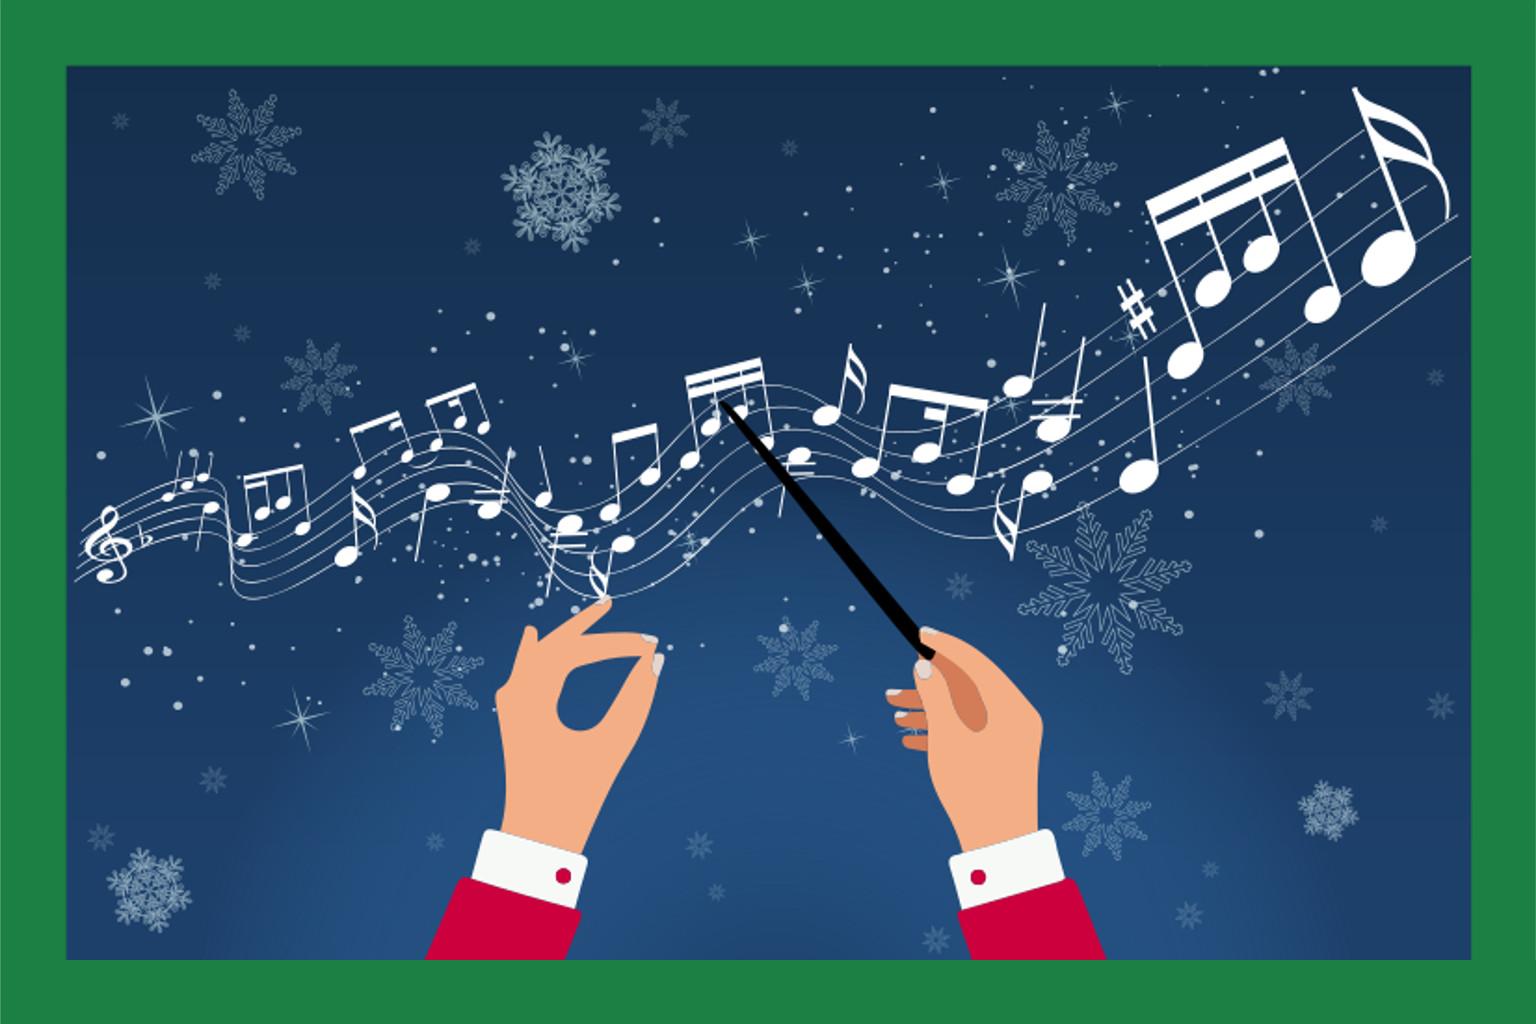 Concerto Di Natale.Concerto Di Natale A Palazzo Lombardia